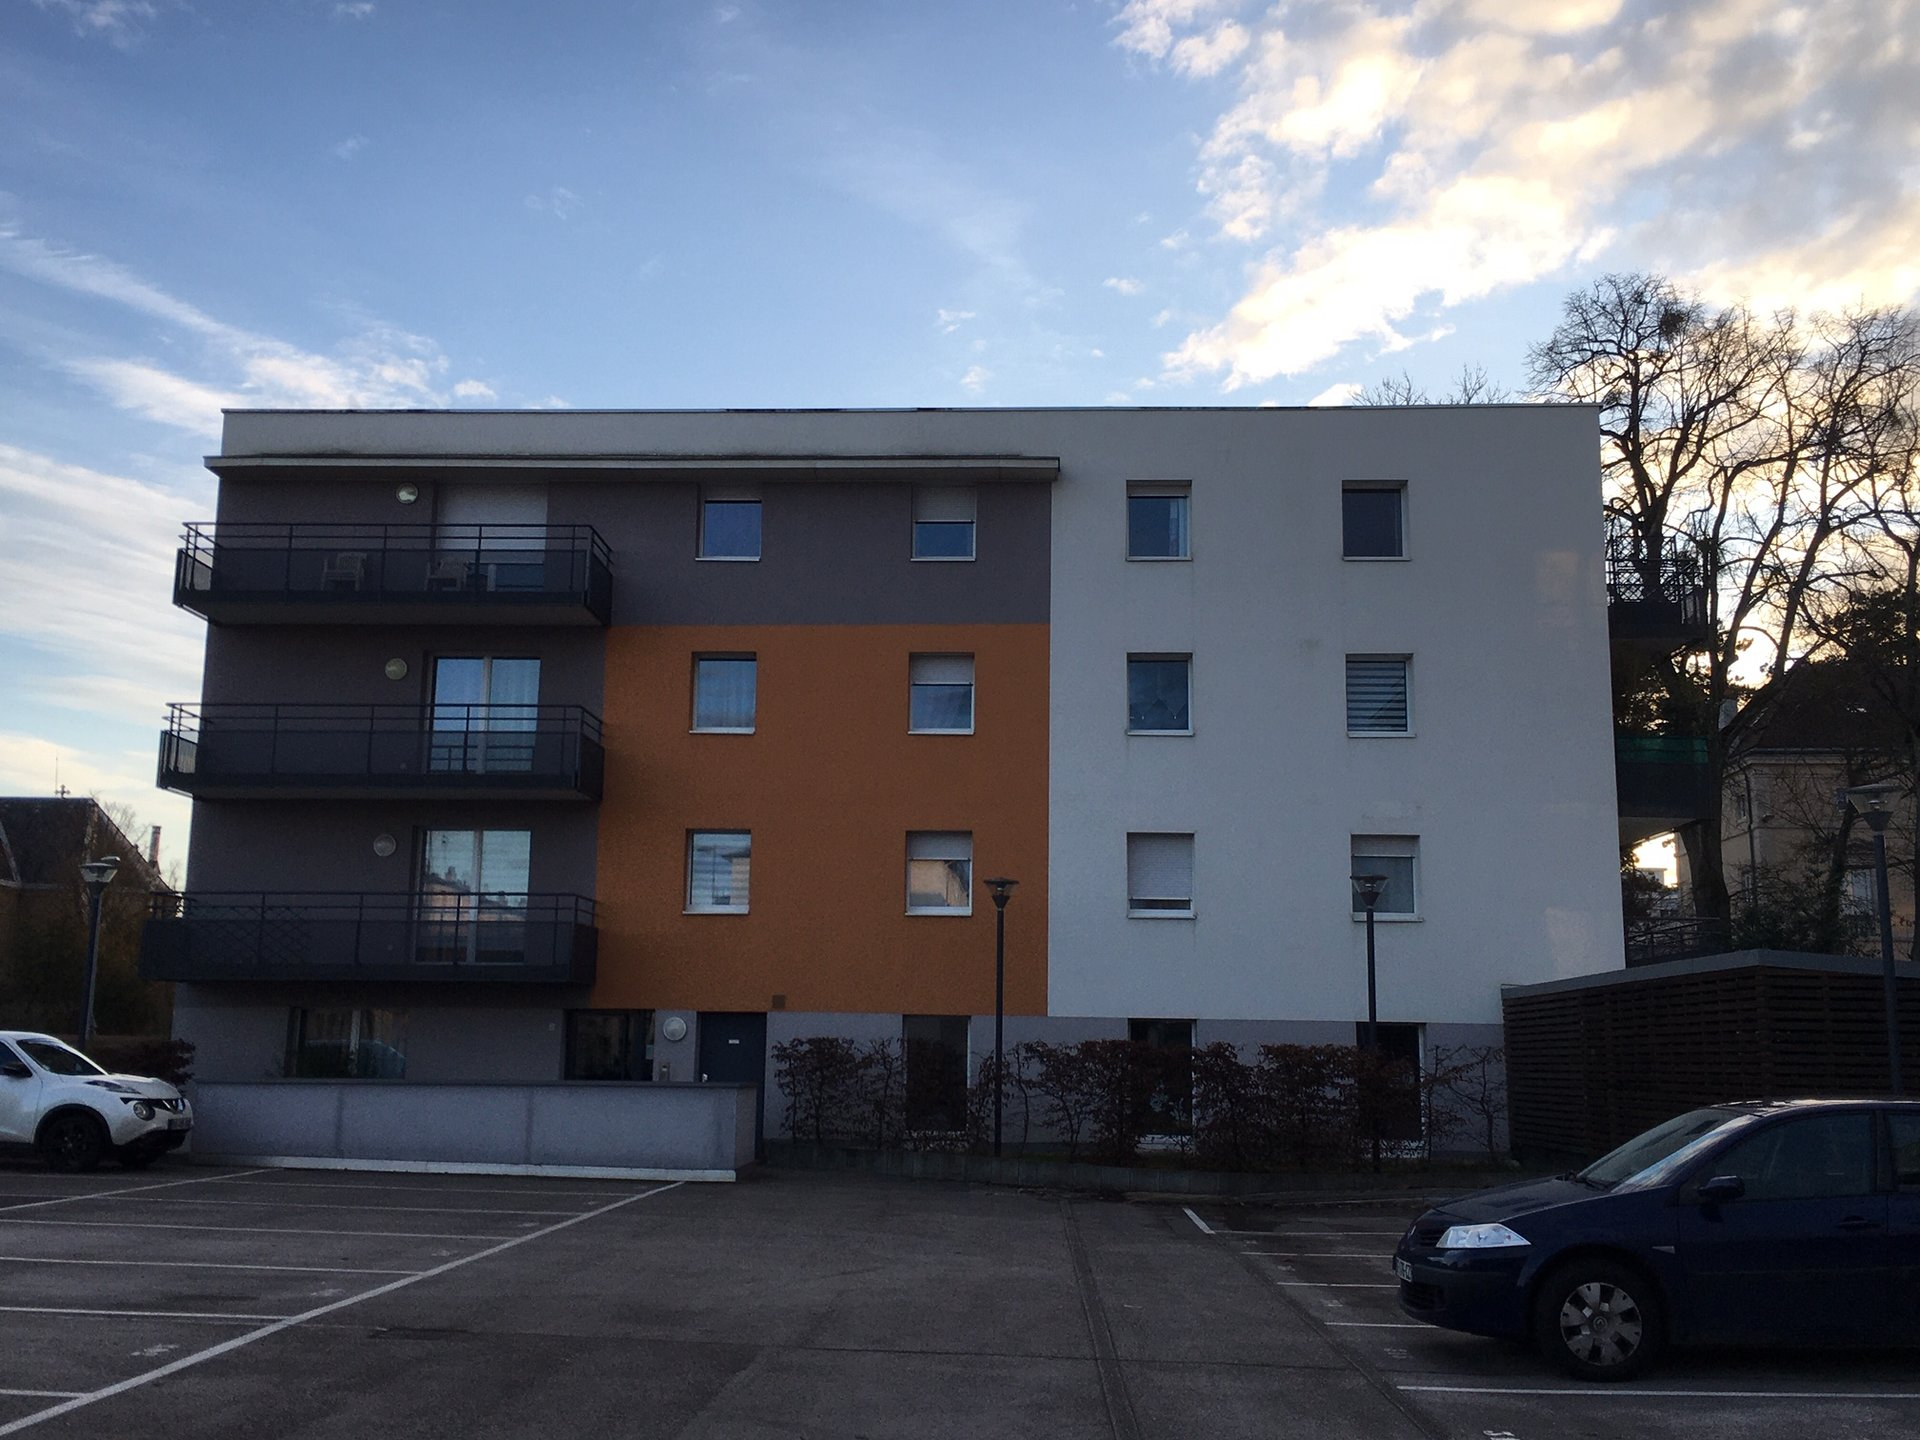 Cote D'or (21) - Dijon - T3 Rez-De-Jardin - Immeuble Bbc avec Appartement Rez De Jardin Dijon